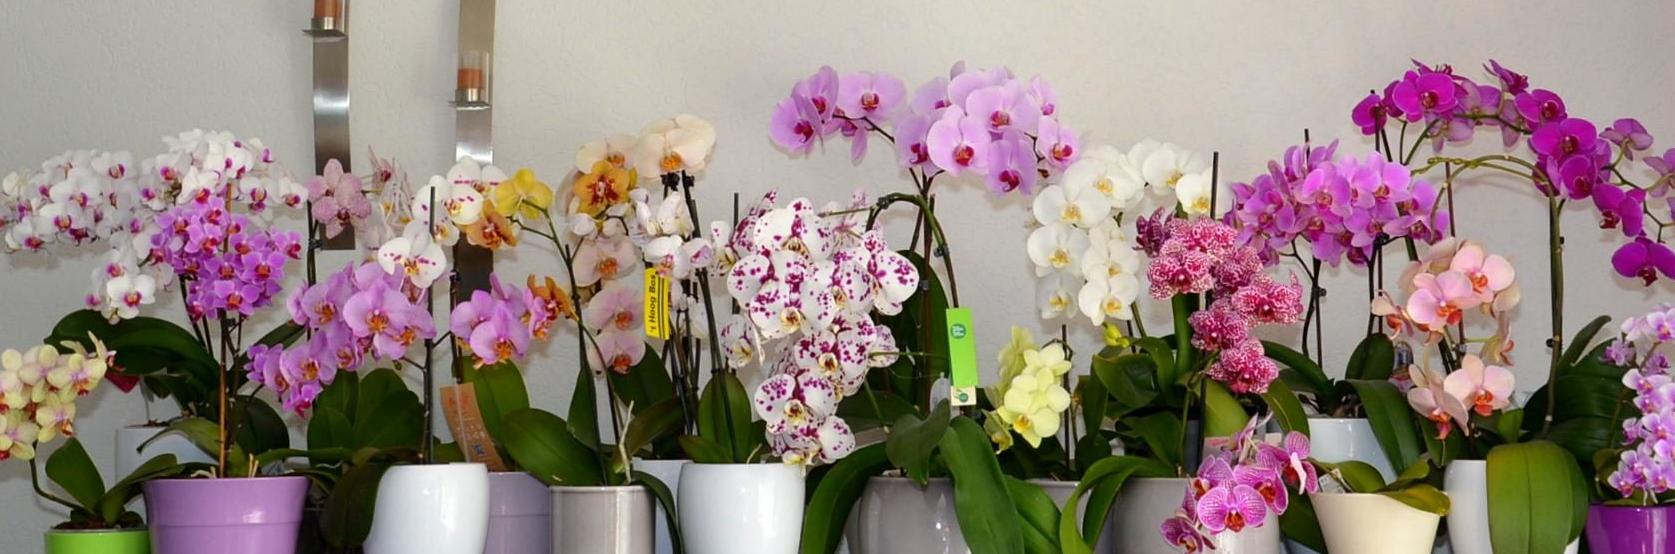 Мини-орхидеи: карликовые фаленопсисы и другие марки, фото видов и сортов, ответы на вопросы, как пересадить цветок и вырастает он или остается всегда маленьким selo.guru — интернет портал о сельском хозяйстве